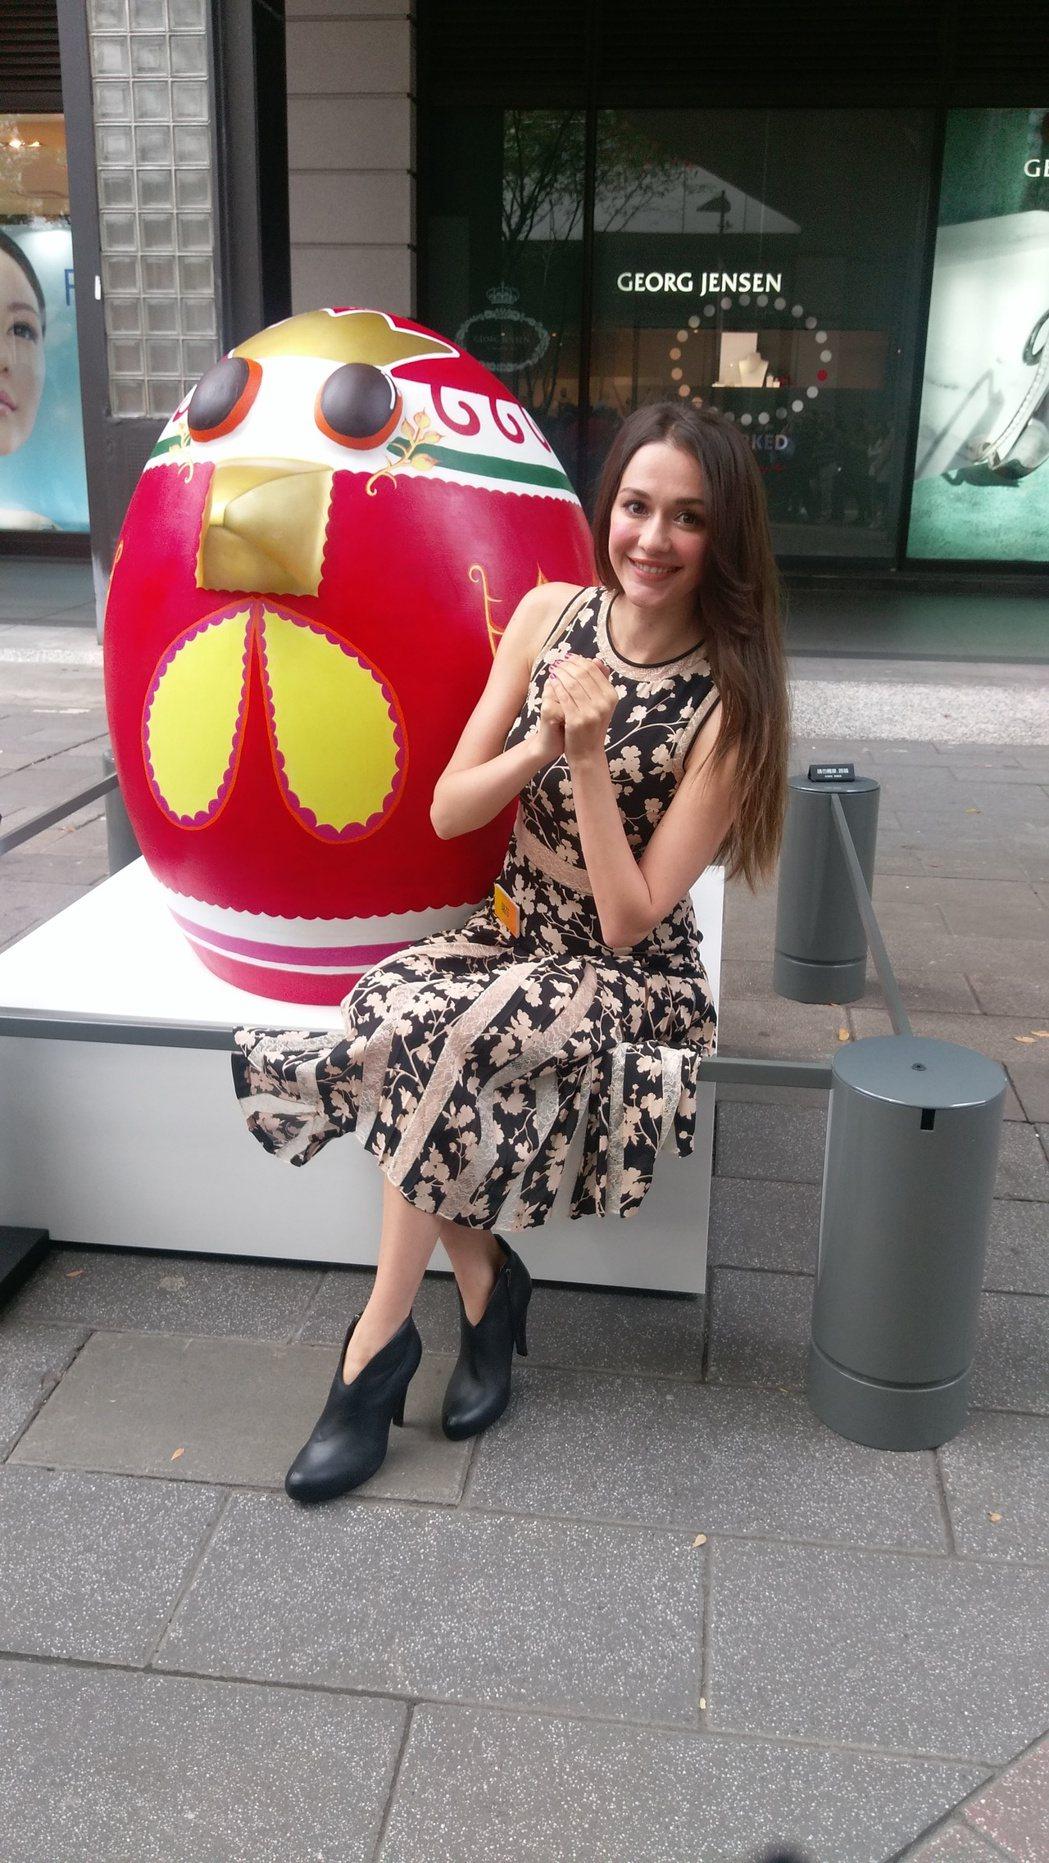 瑞莎與創作作品「春暖花開」。記者江佩君/攝影